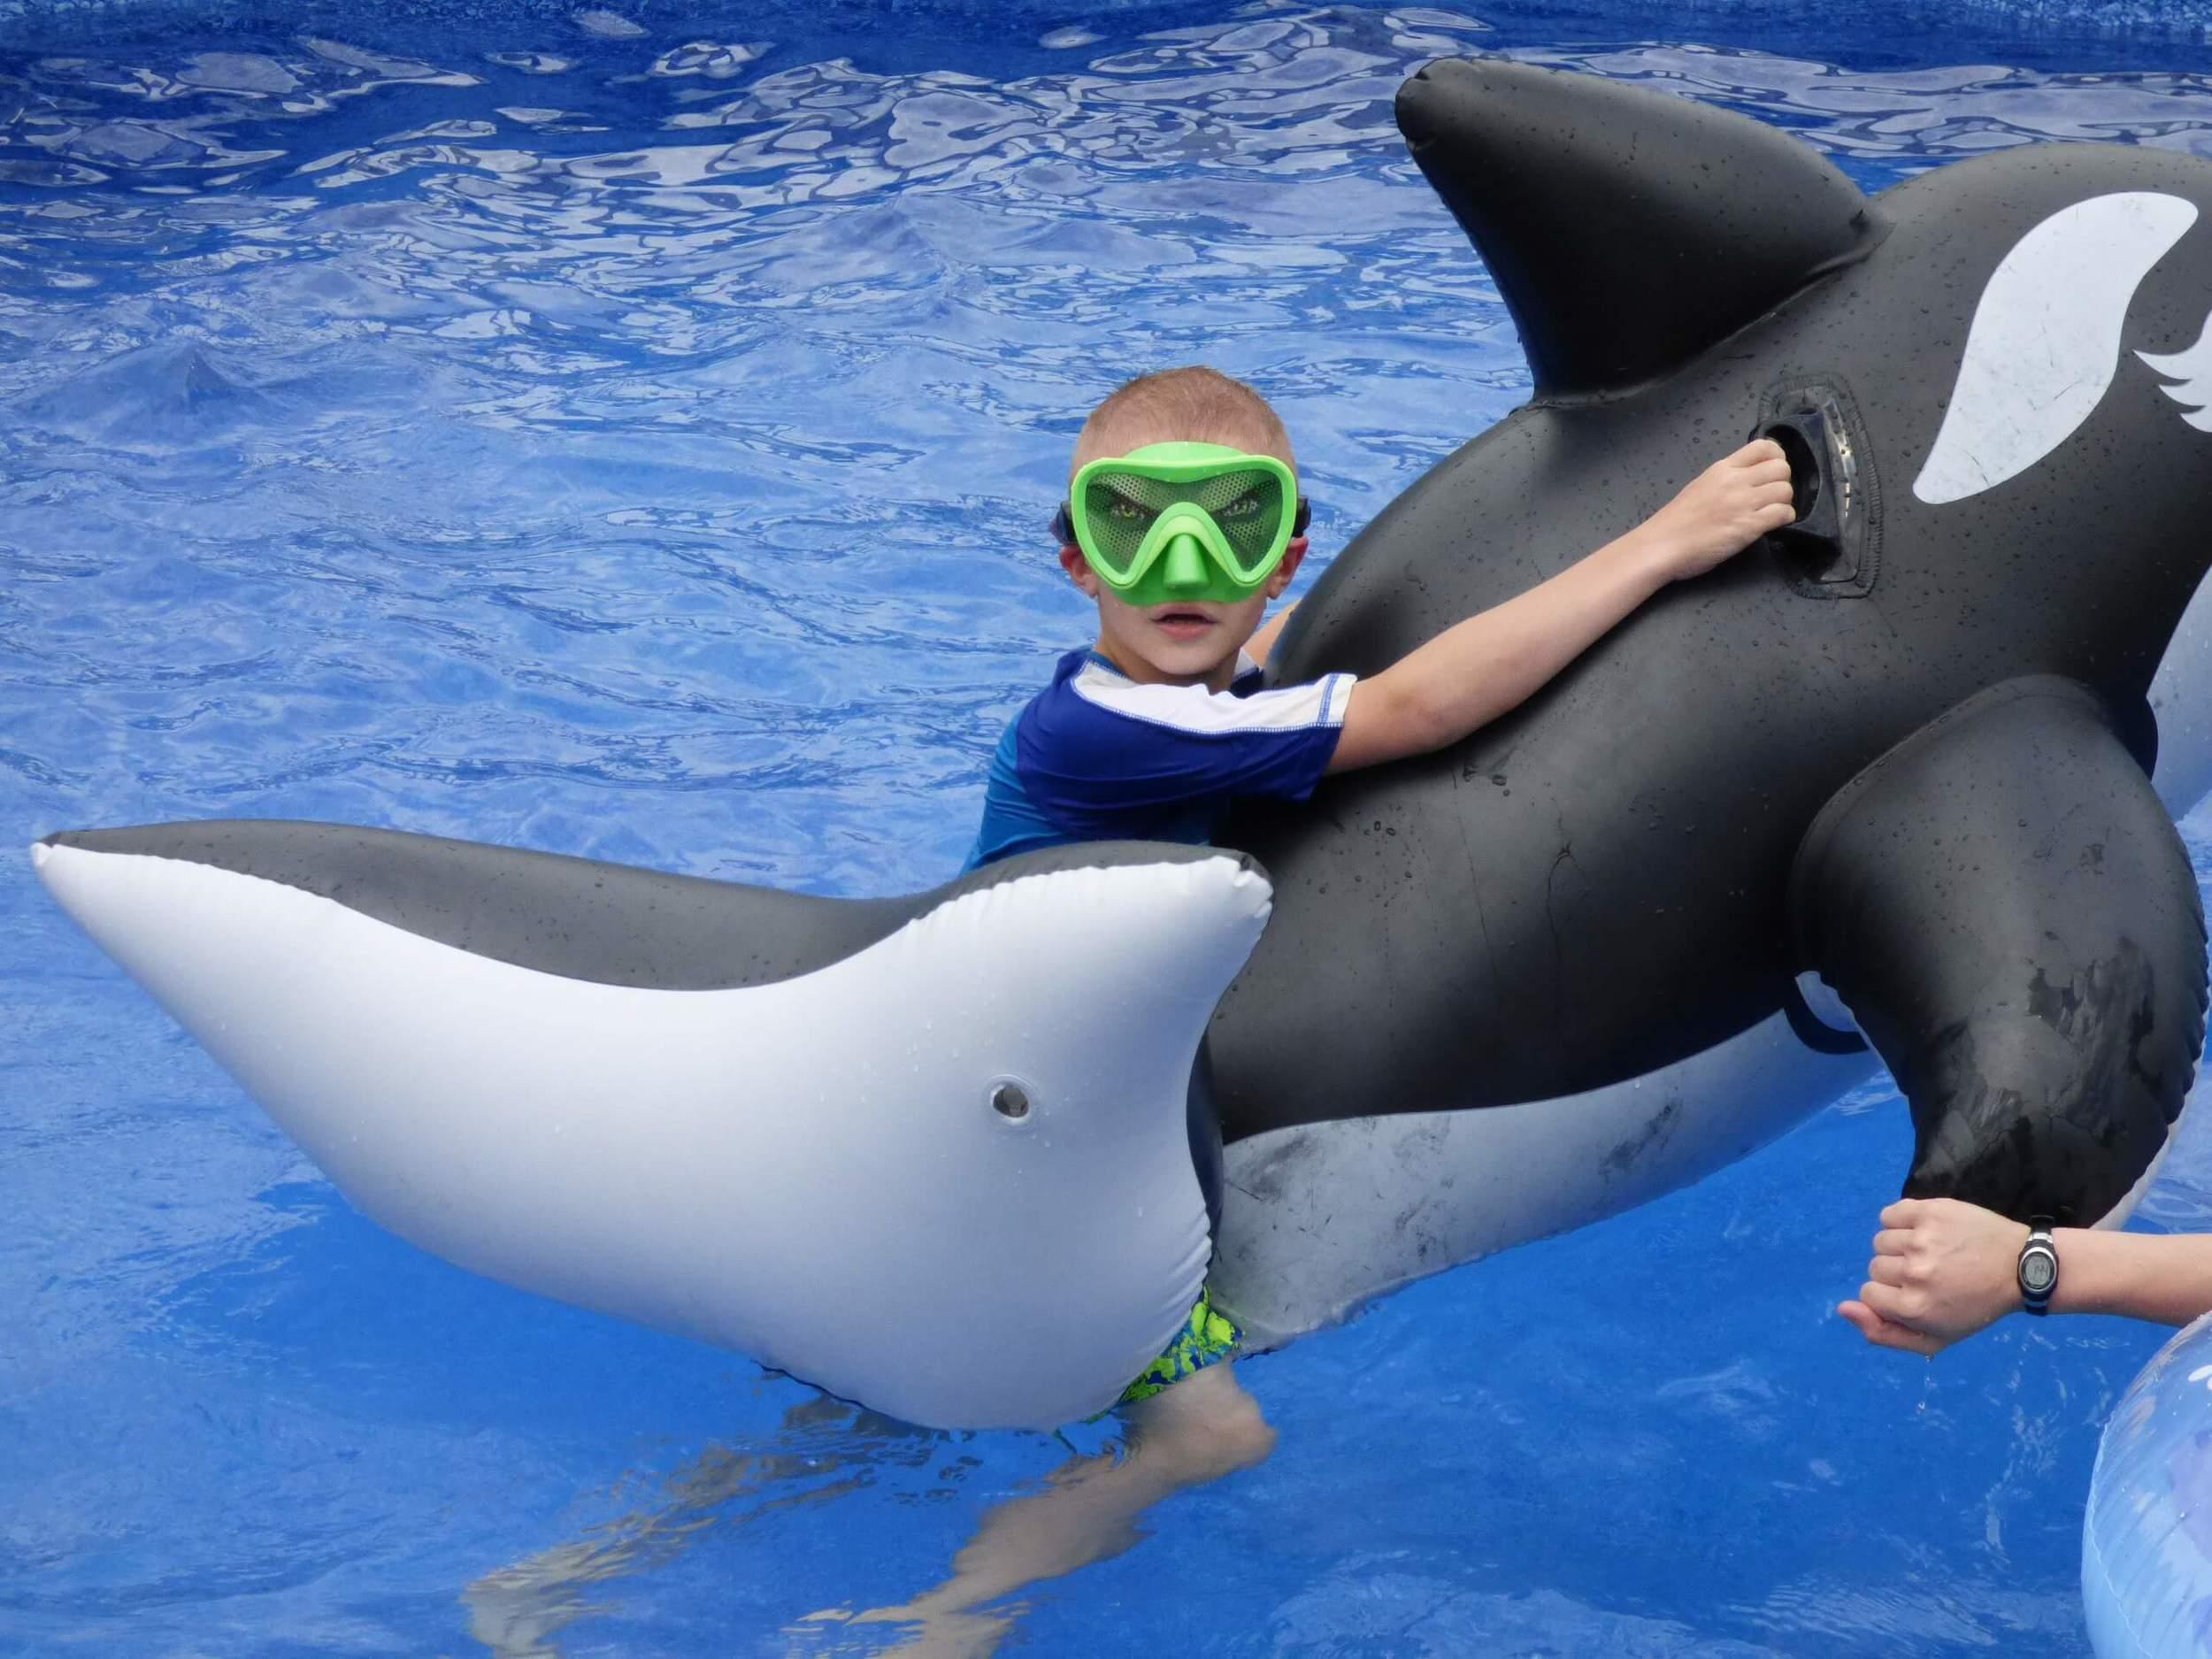 summer fun in the pool